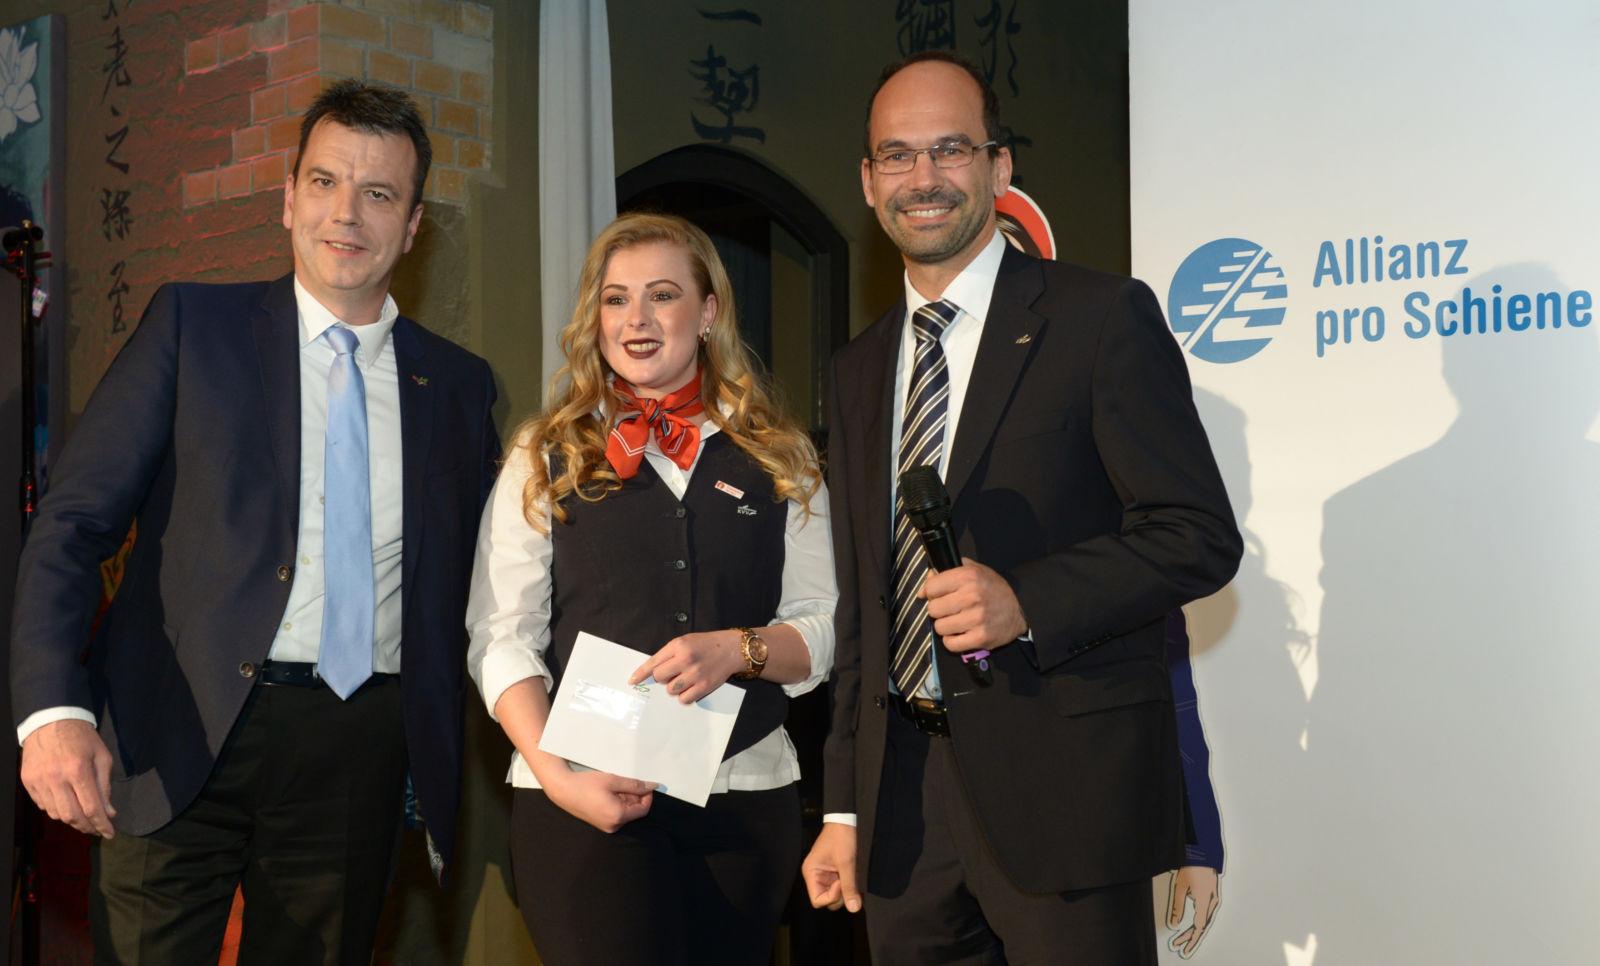 Preisträgerin Saskia Schönlebe mit Daniel Sartorius und Markus Weineich von der AVG